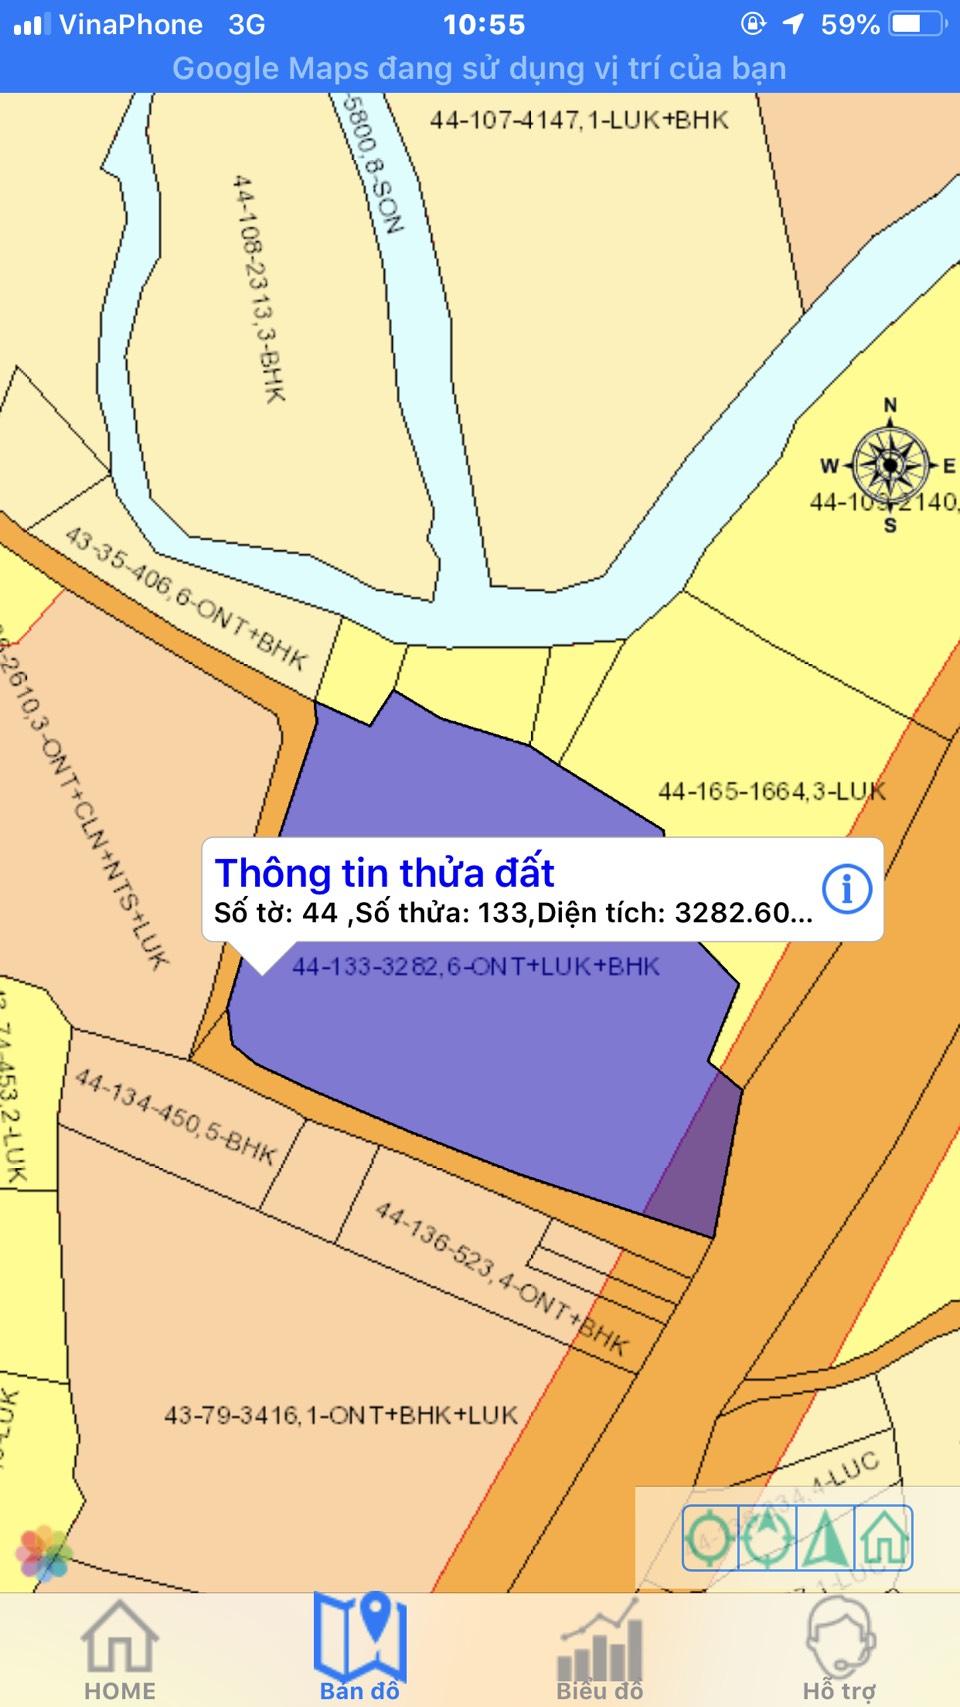 Bán Đất Sông Thao Trảng Bom 8.500m Giá 10 tỷ